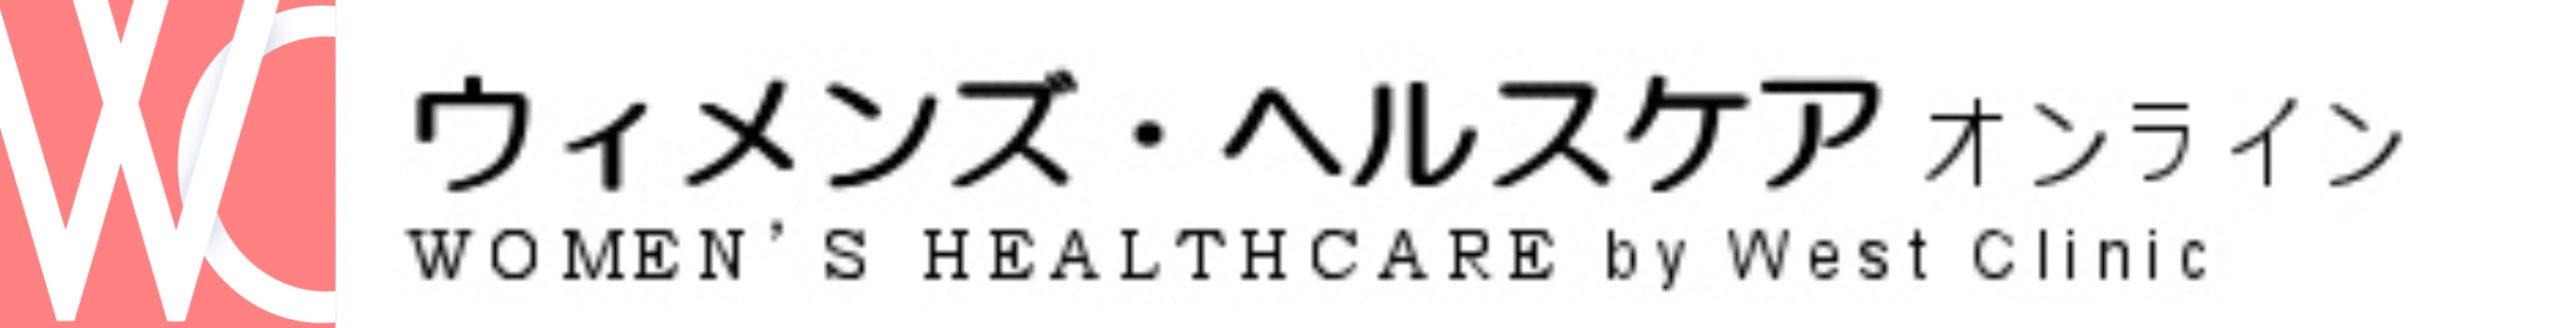 女性専用オンライン診療 アフターピル・ピル・STD検査・抗原検査